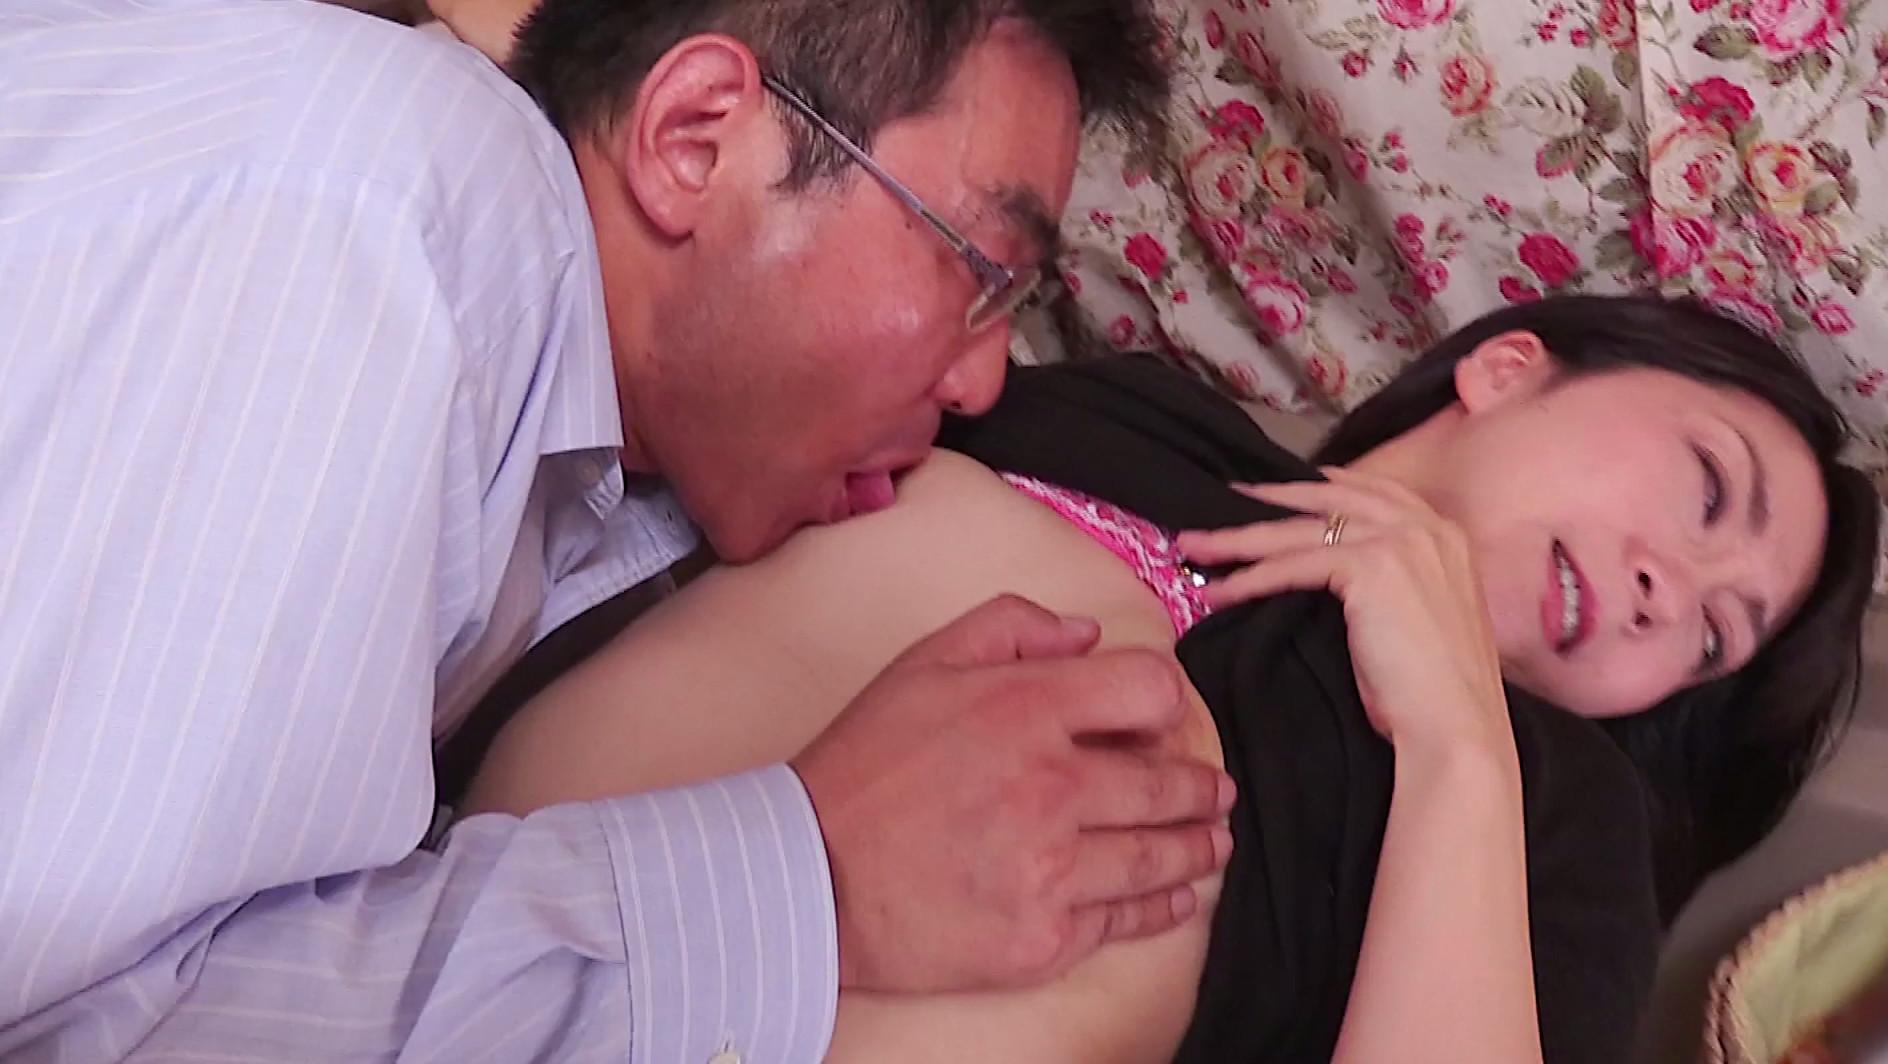 ピンクのTバックがまぶしい美熟女!10年ぶりのSEXで恥ずかしがりなふがらイキまくりな47歳の高橋さん 画像14